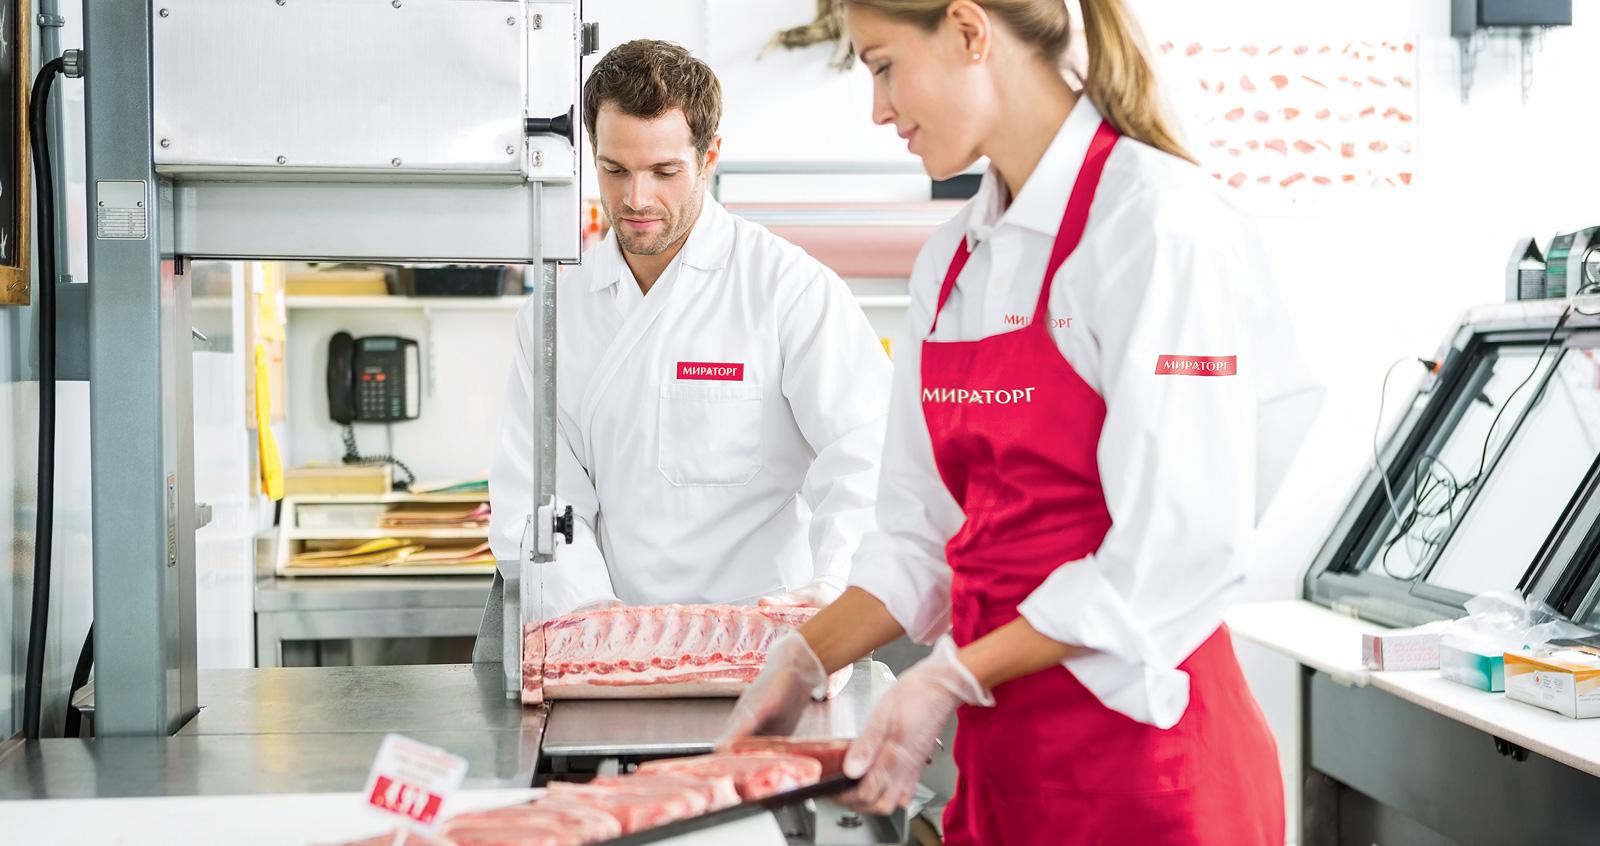 Стандарты фирменной одежды сотрудников «Мираторг», работающих в супермаркетах